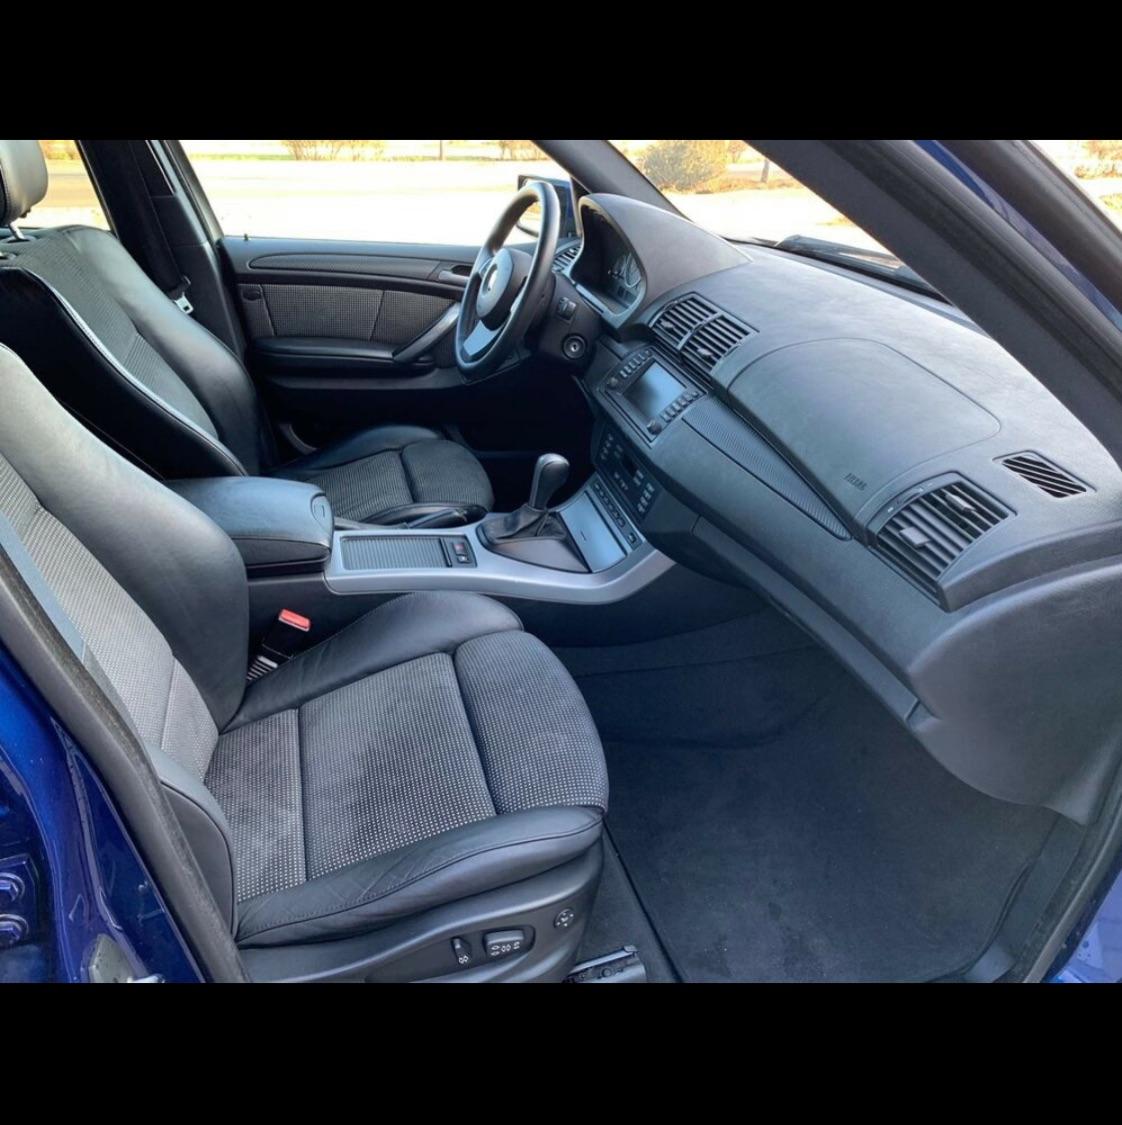 E53 X5 4.8is - BMW X1, X3, X5, X6